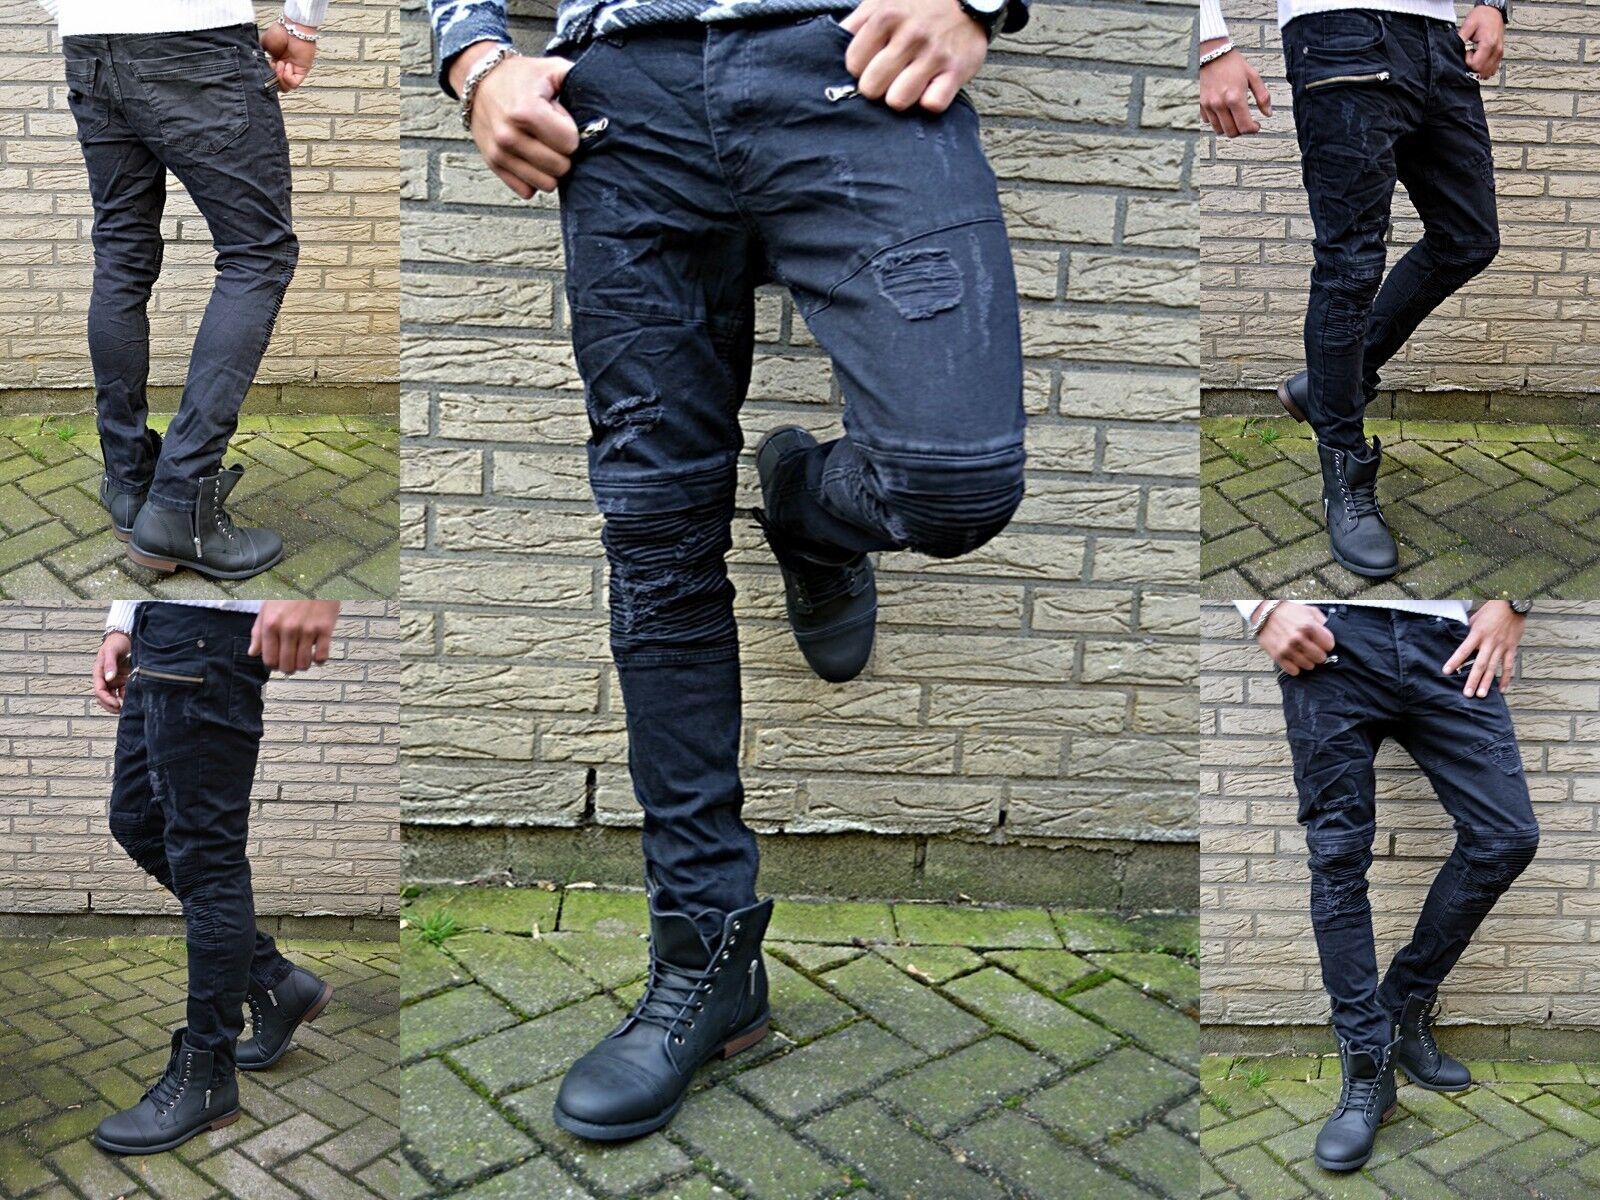 Young Fashion Uomo Street Kargo Rocker Stile Biker Jeans a Sigaretta Aderenti